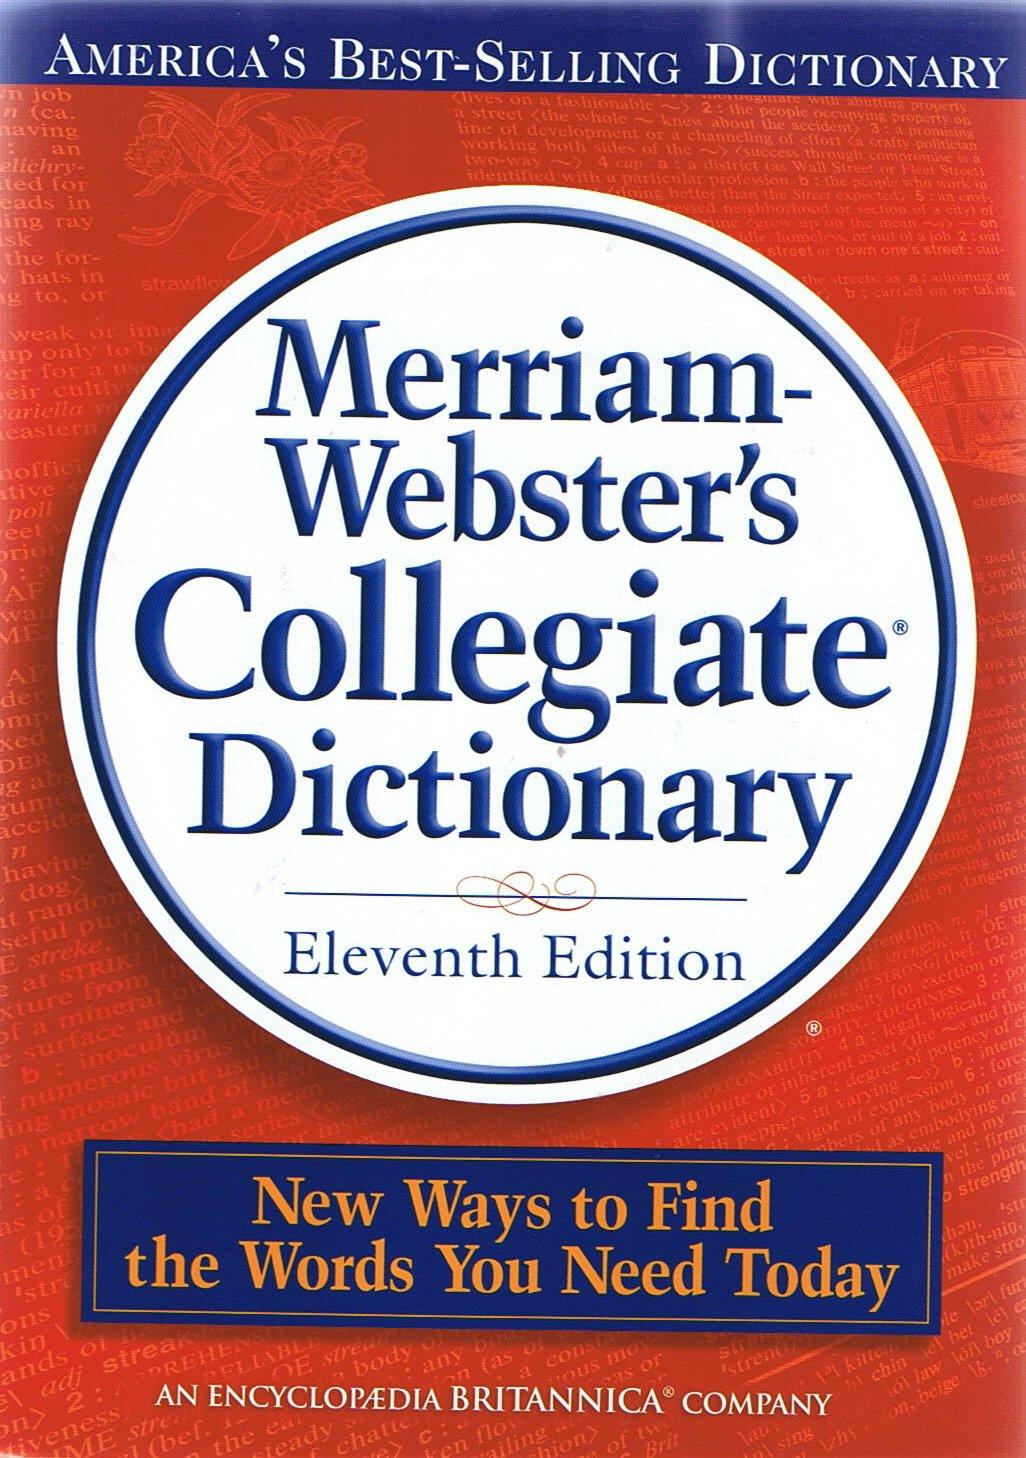 MerriamWebster.jpg